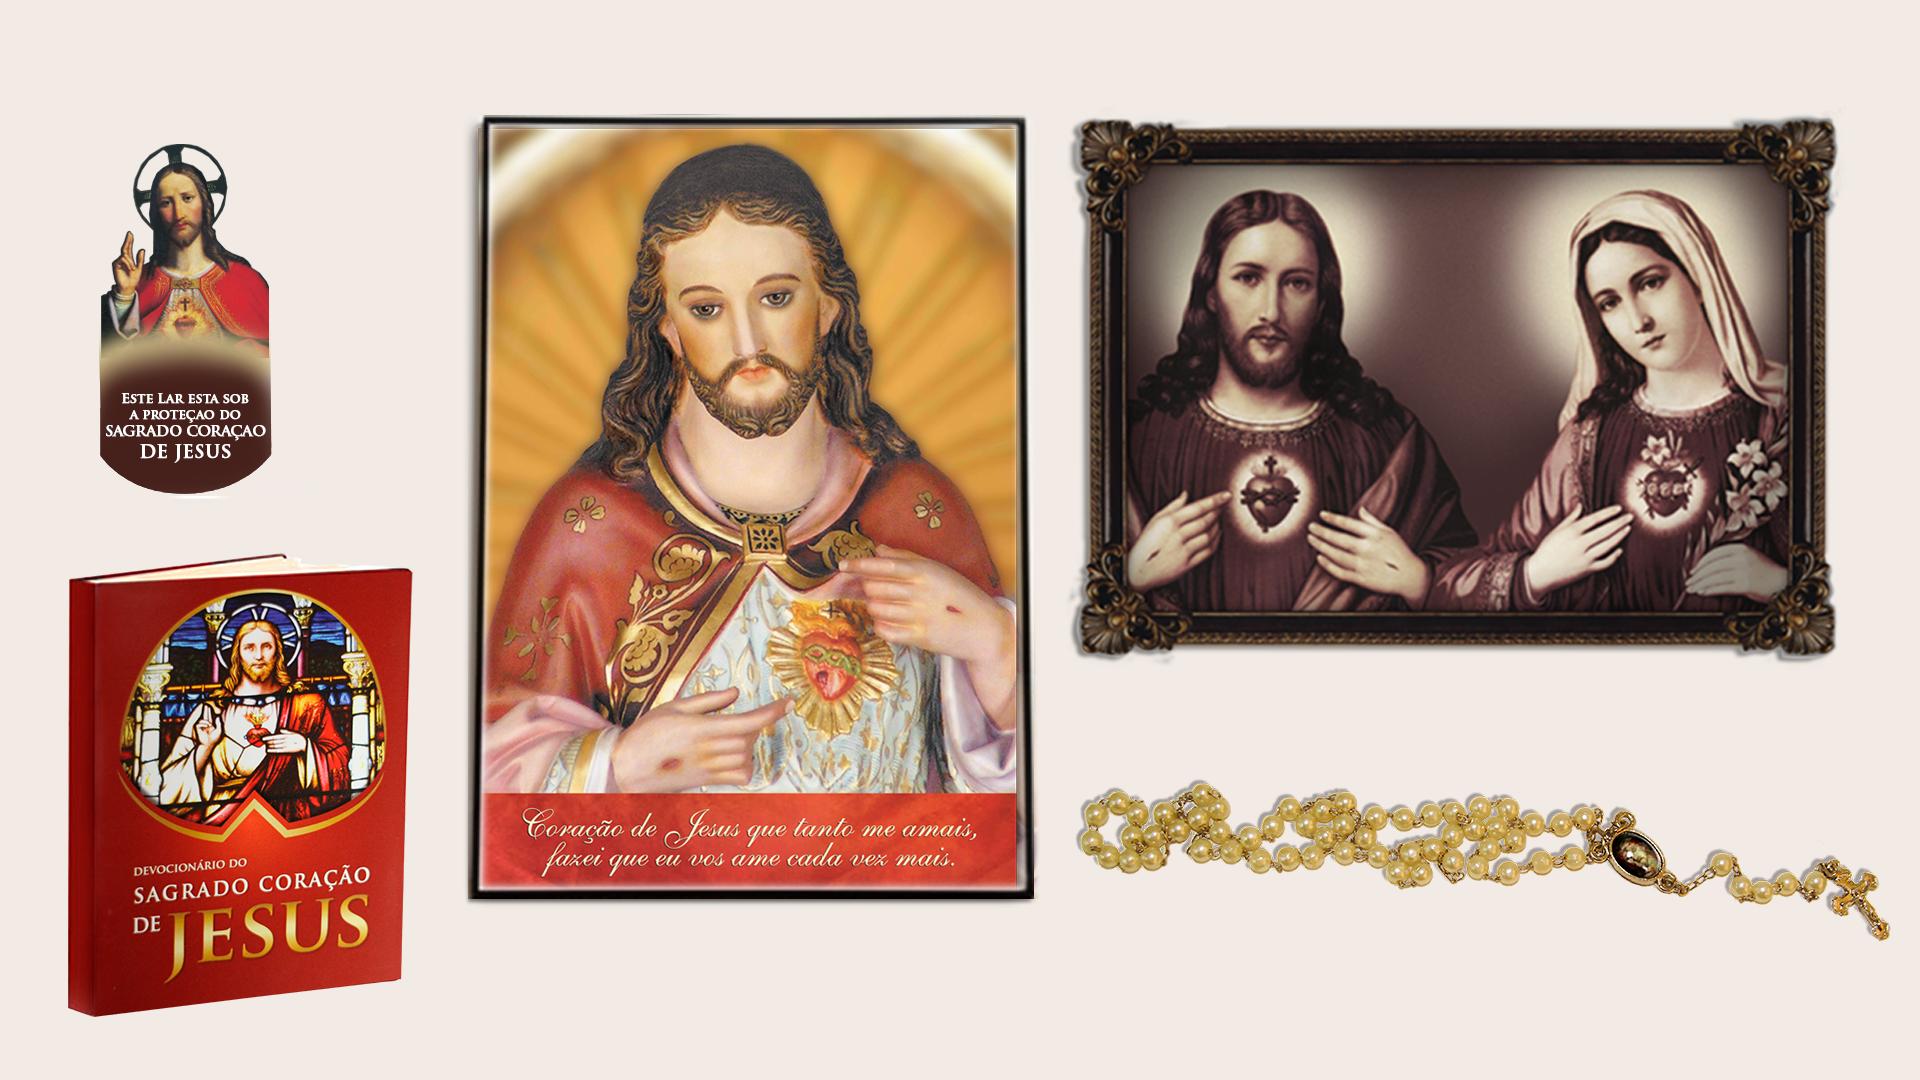 Estampa dos Corações de Jesus e Maria. Estampa do Coração de Jesus. Devocionário do Sagrado Coração de Jesus e o Terço das Chagas.